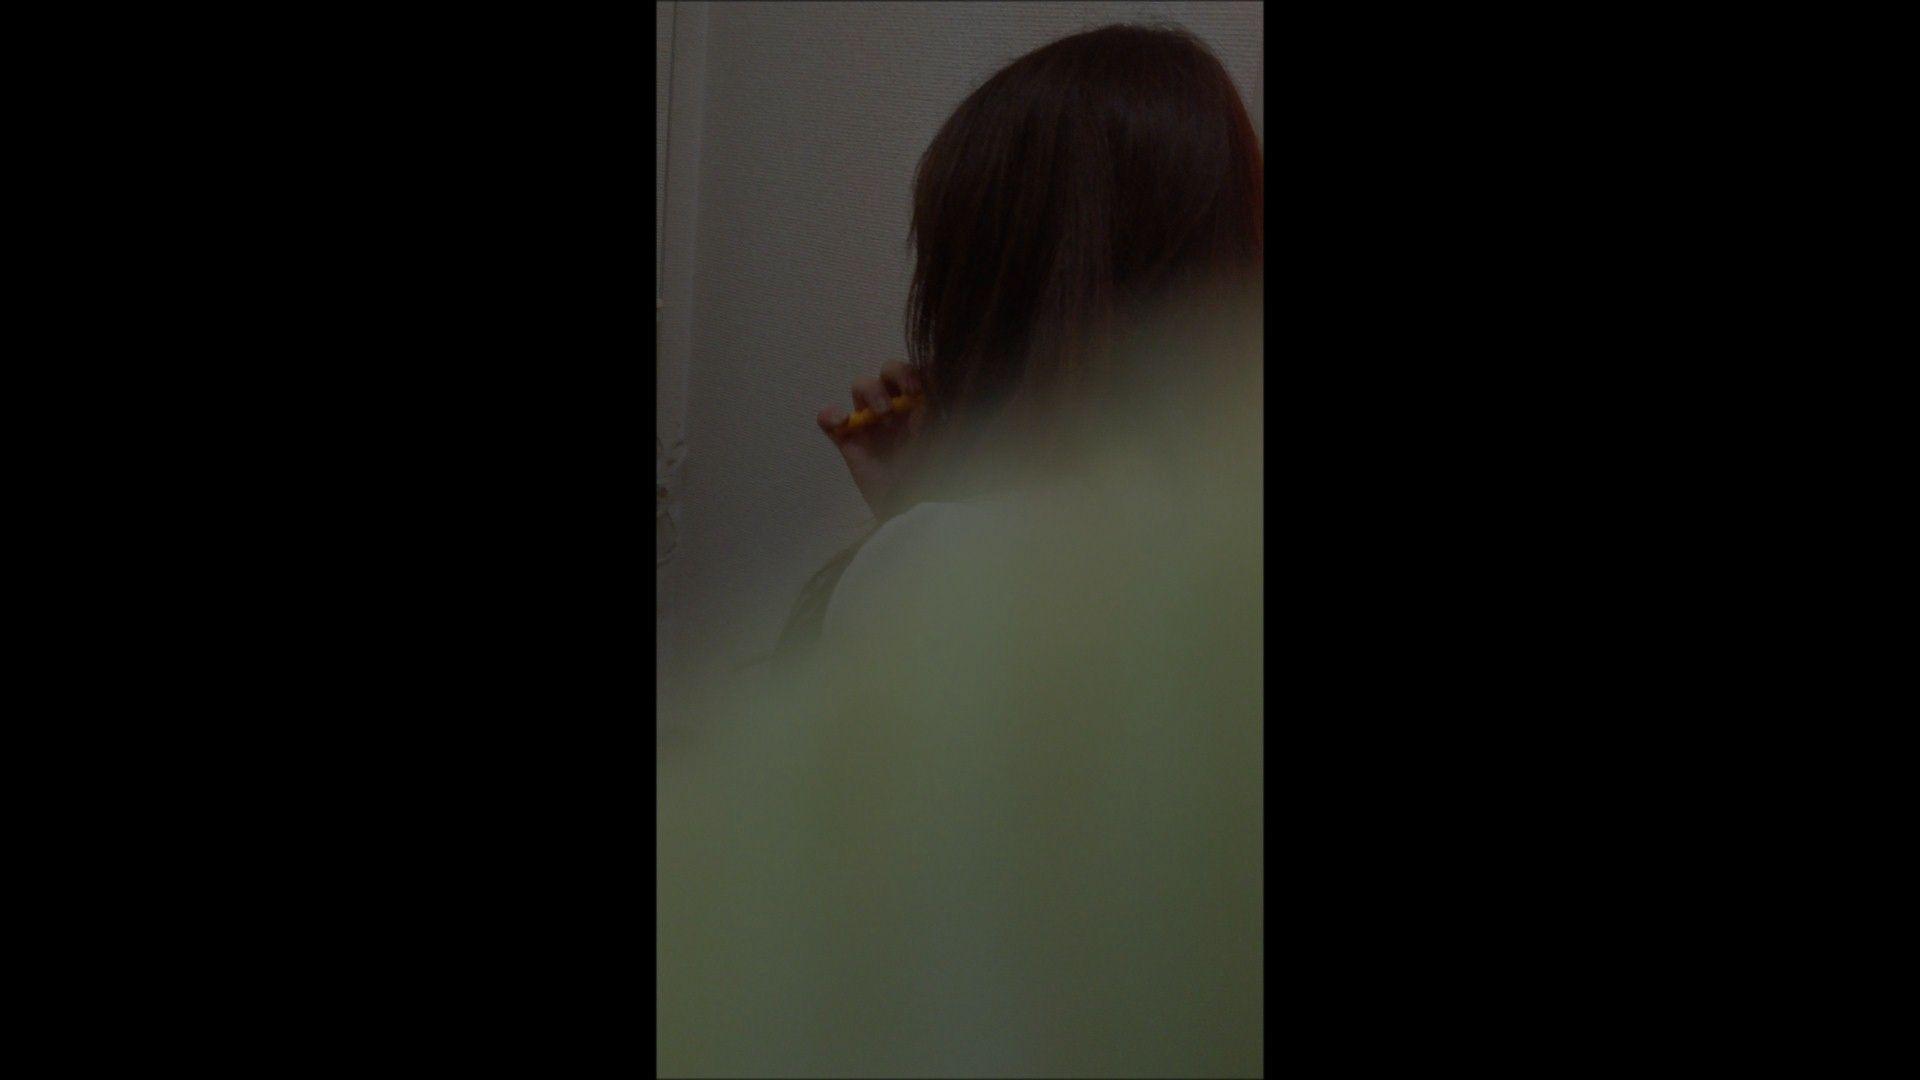 08(8日目)メイク中の彼女の顔を撮りました!